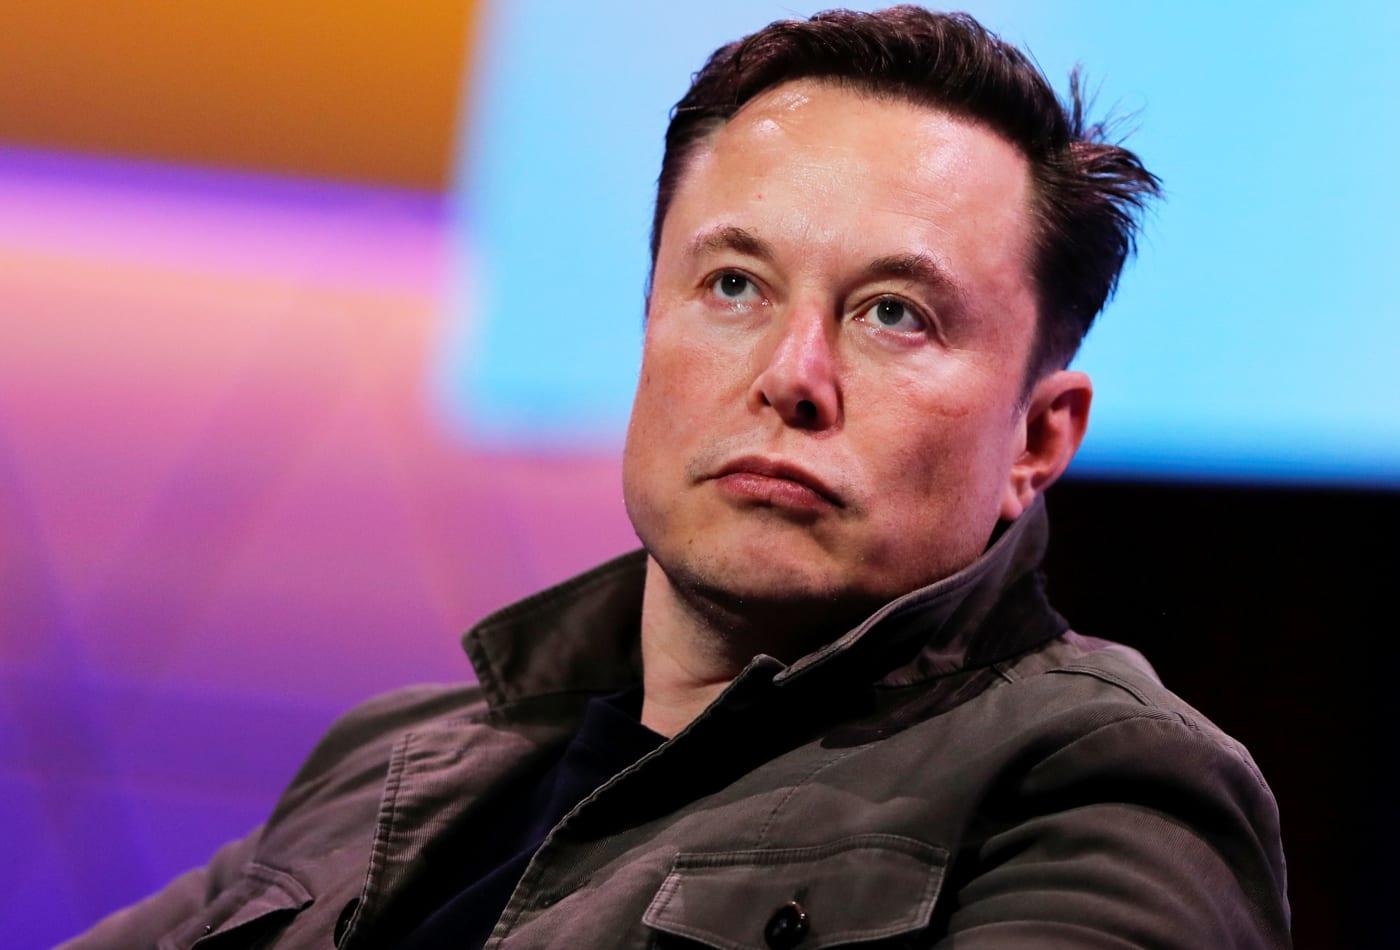 Tính cách của Elon Musk từ cuộc họp đột xuất lúc 1h sáng  - Ảnh 1.